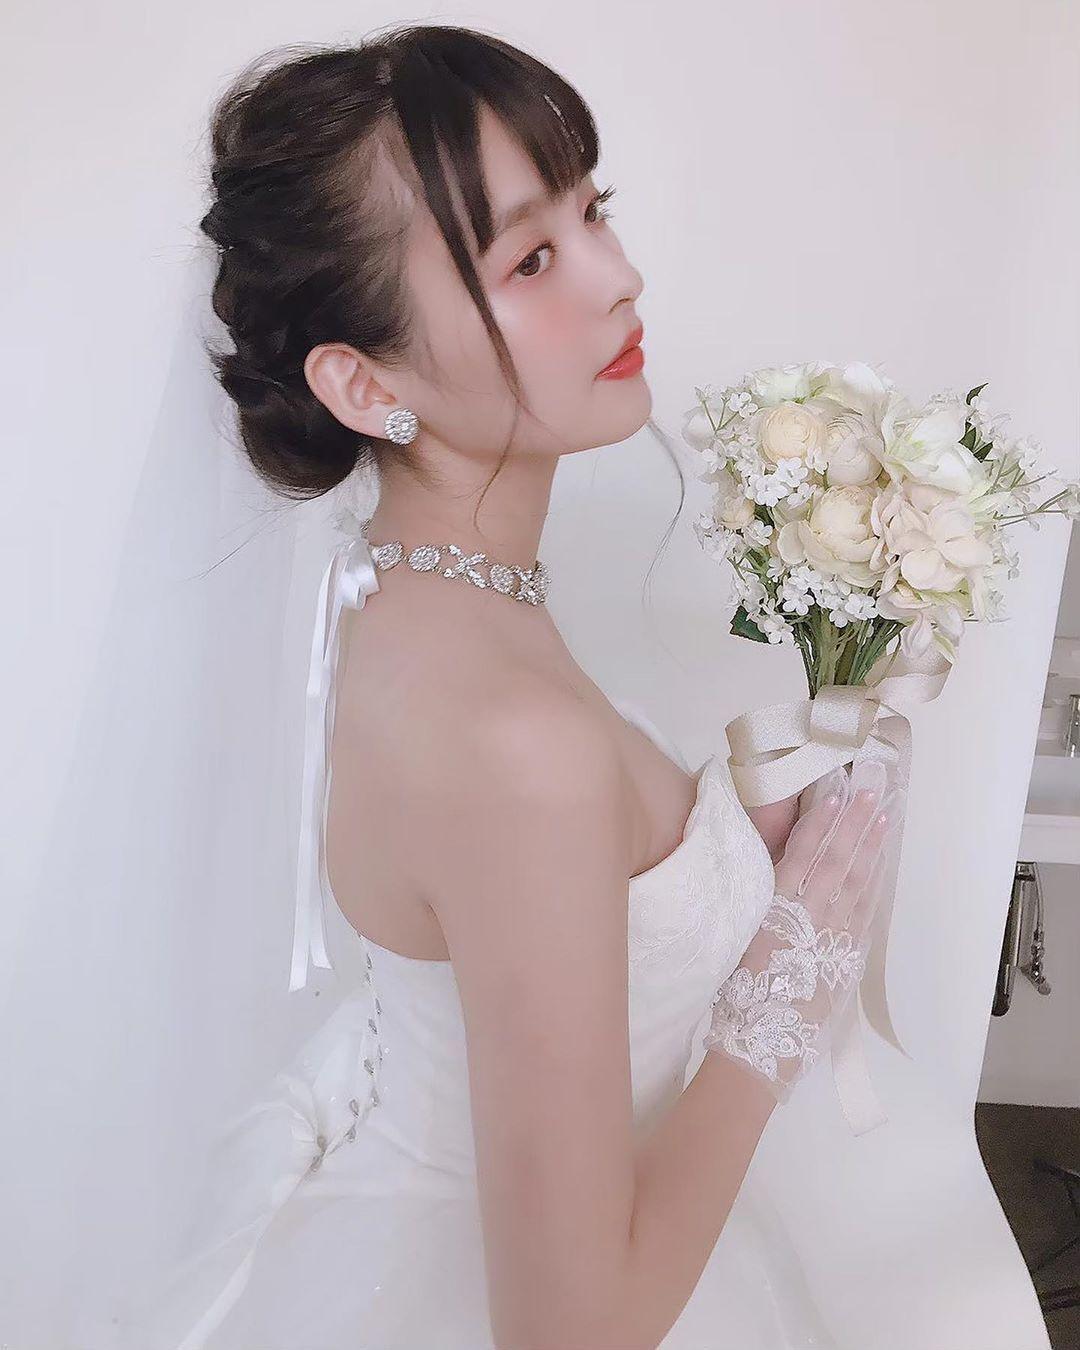 上坂堇 婚纱